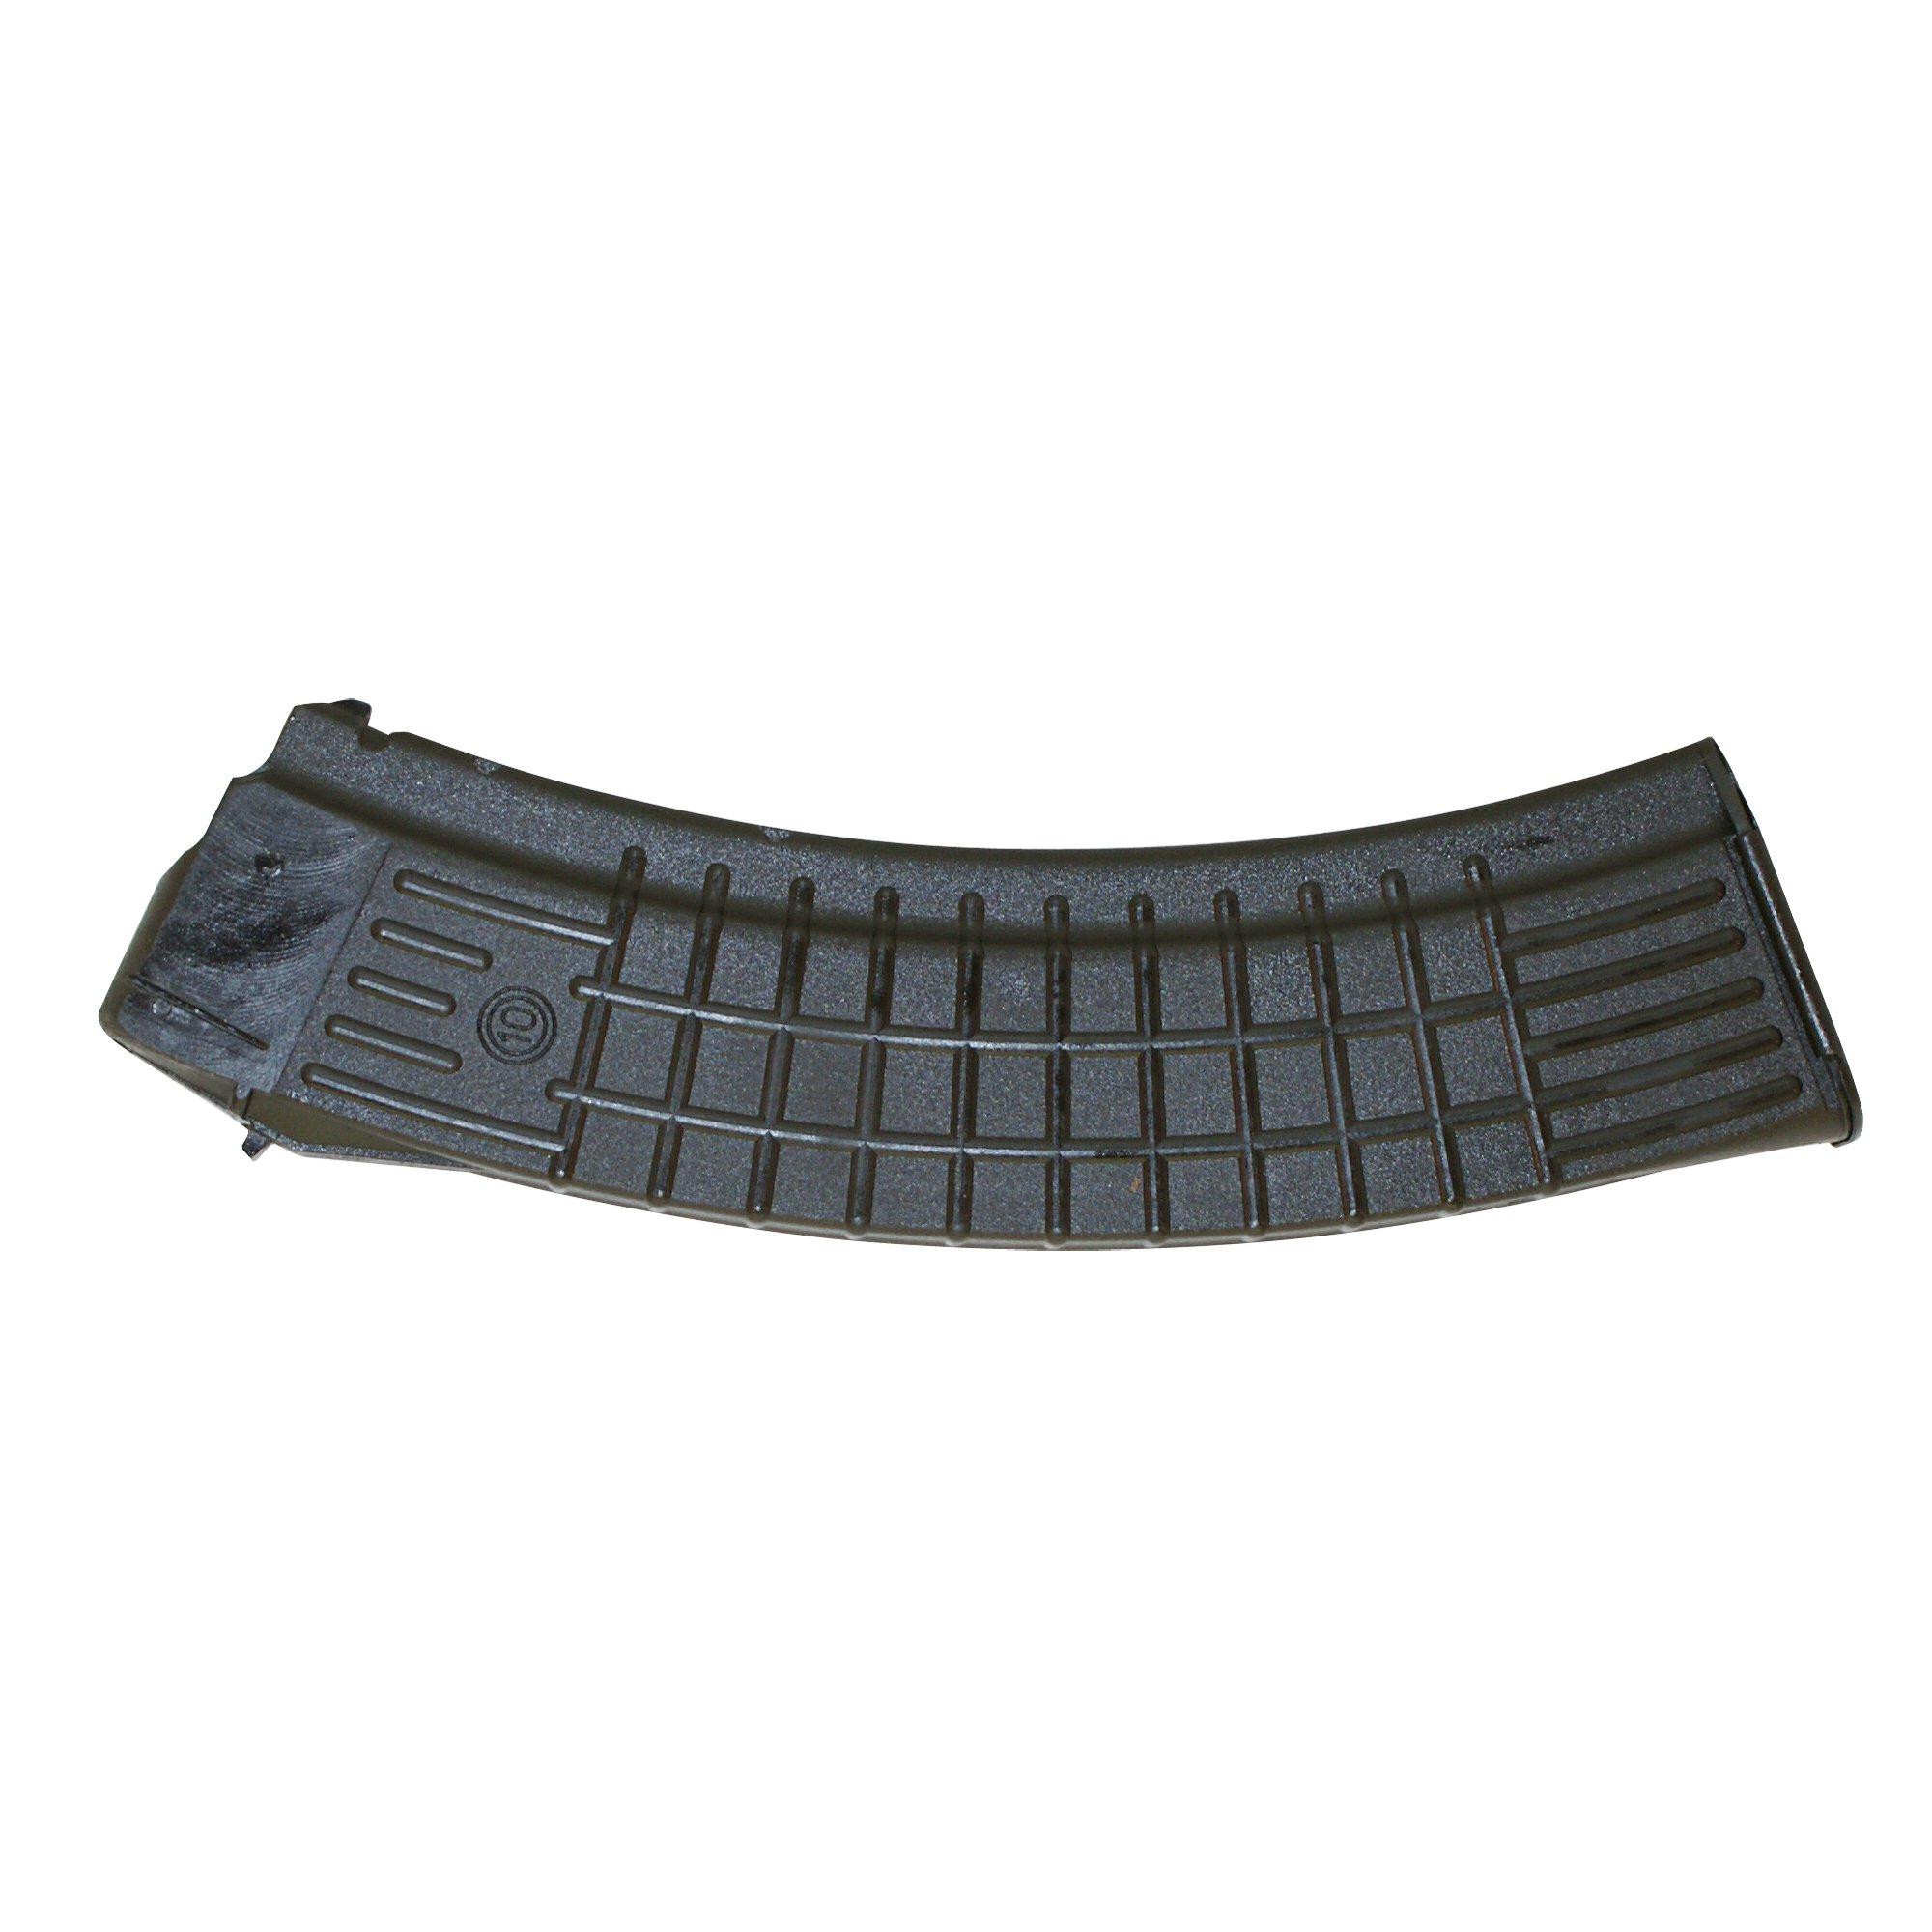 MAG ARSENAL AK 545X39 45RND BLK